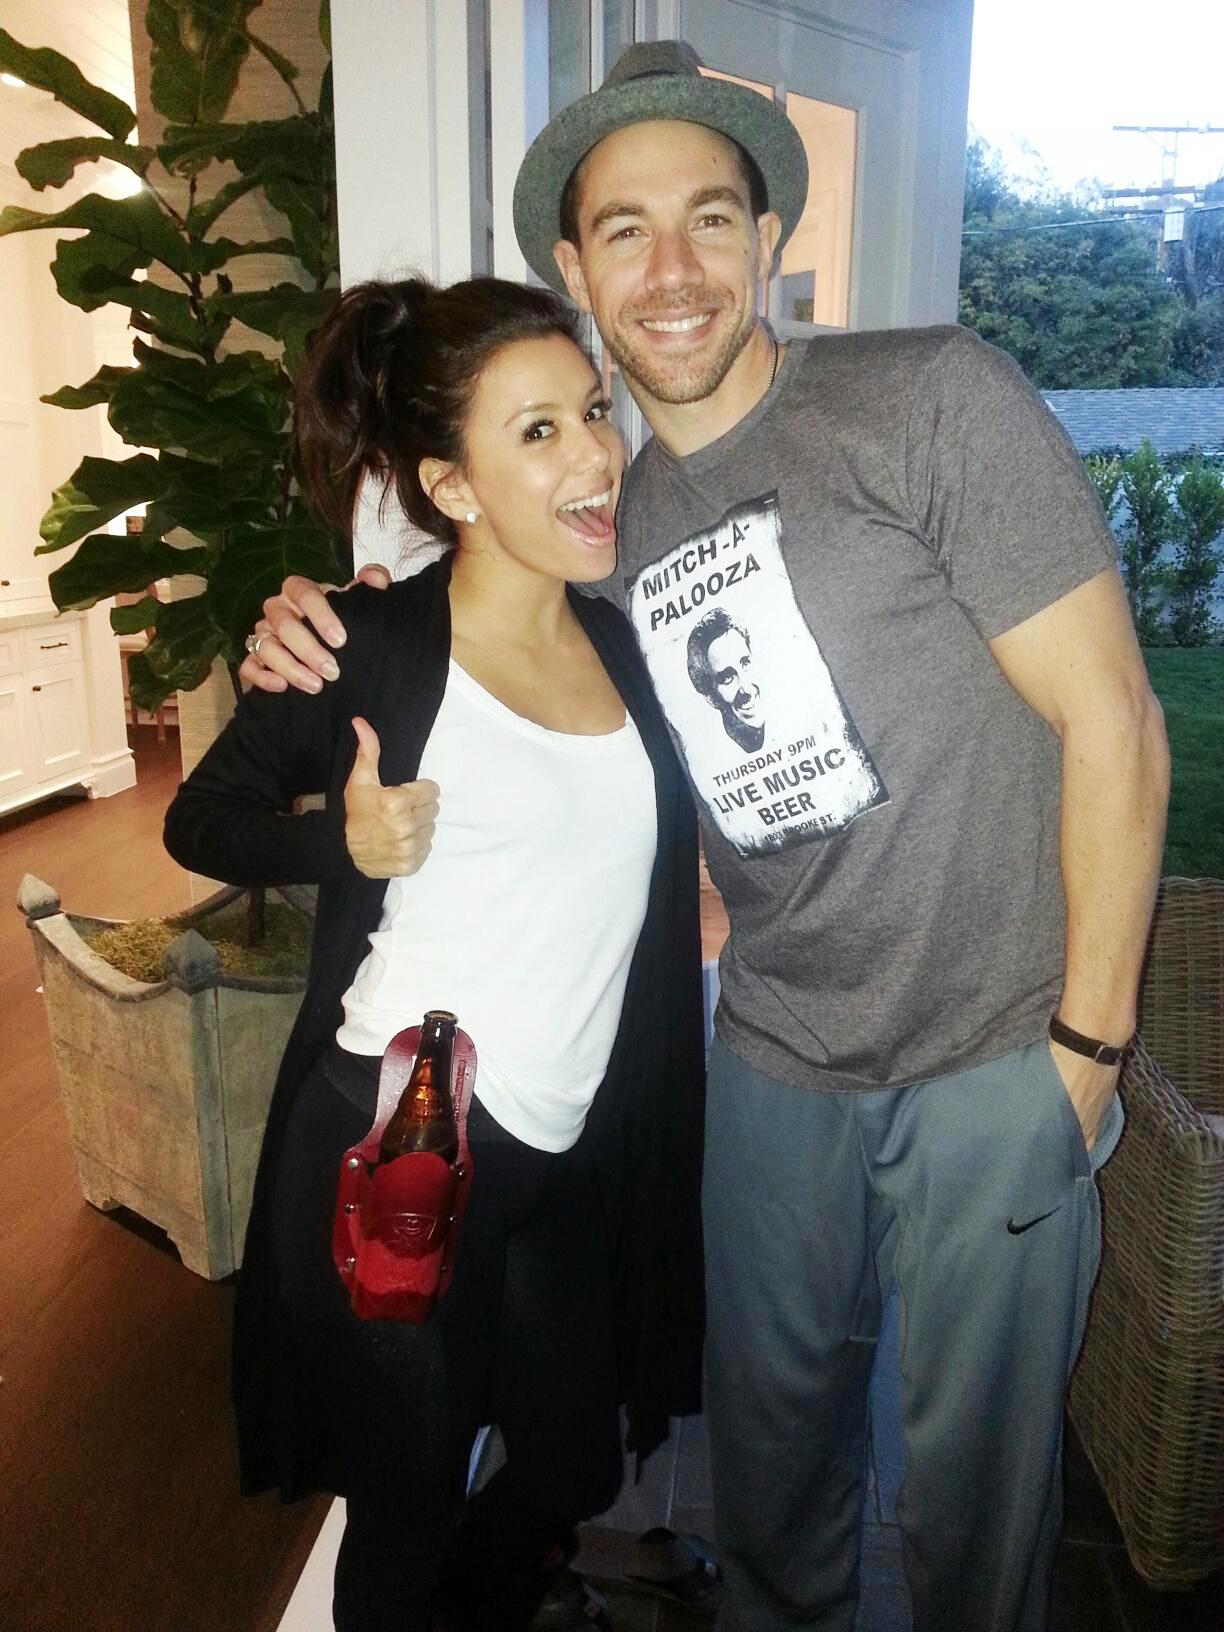 Eva Longoria and Tim Lopez